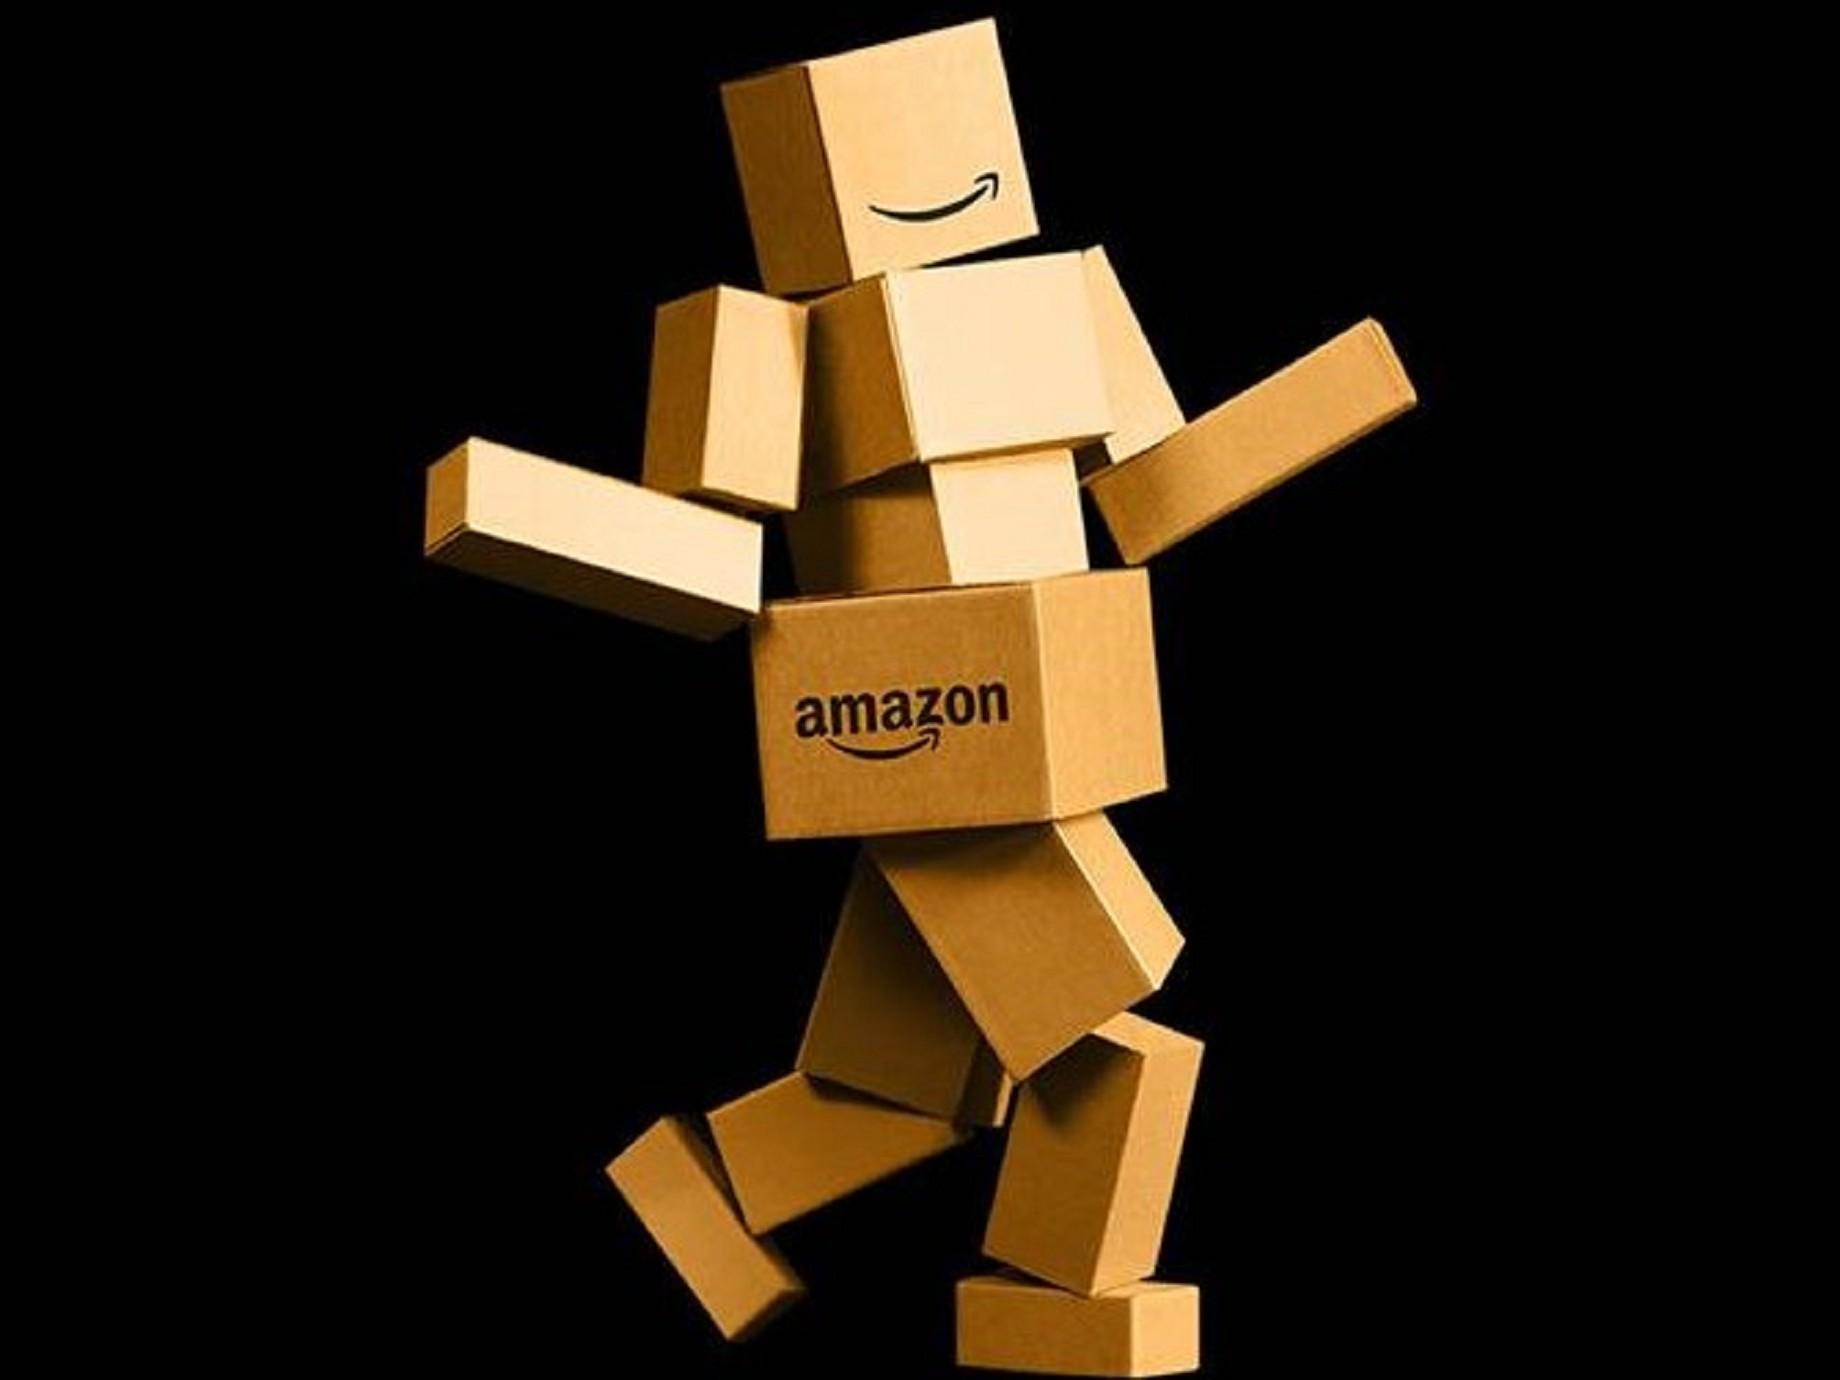 和 YouTube 拚了?Amazon 影片串流平台開放上傳自製影片